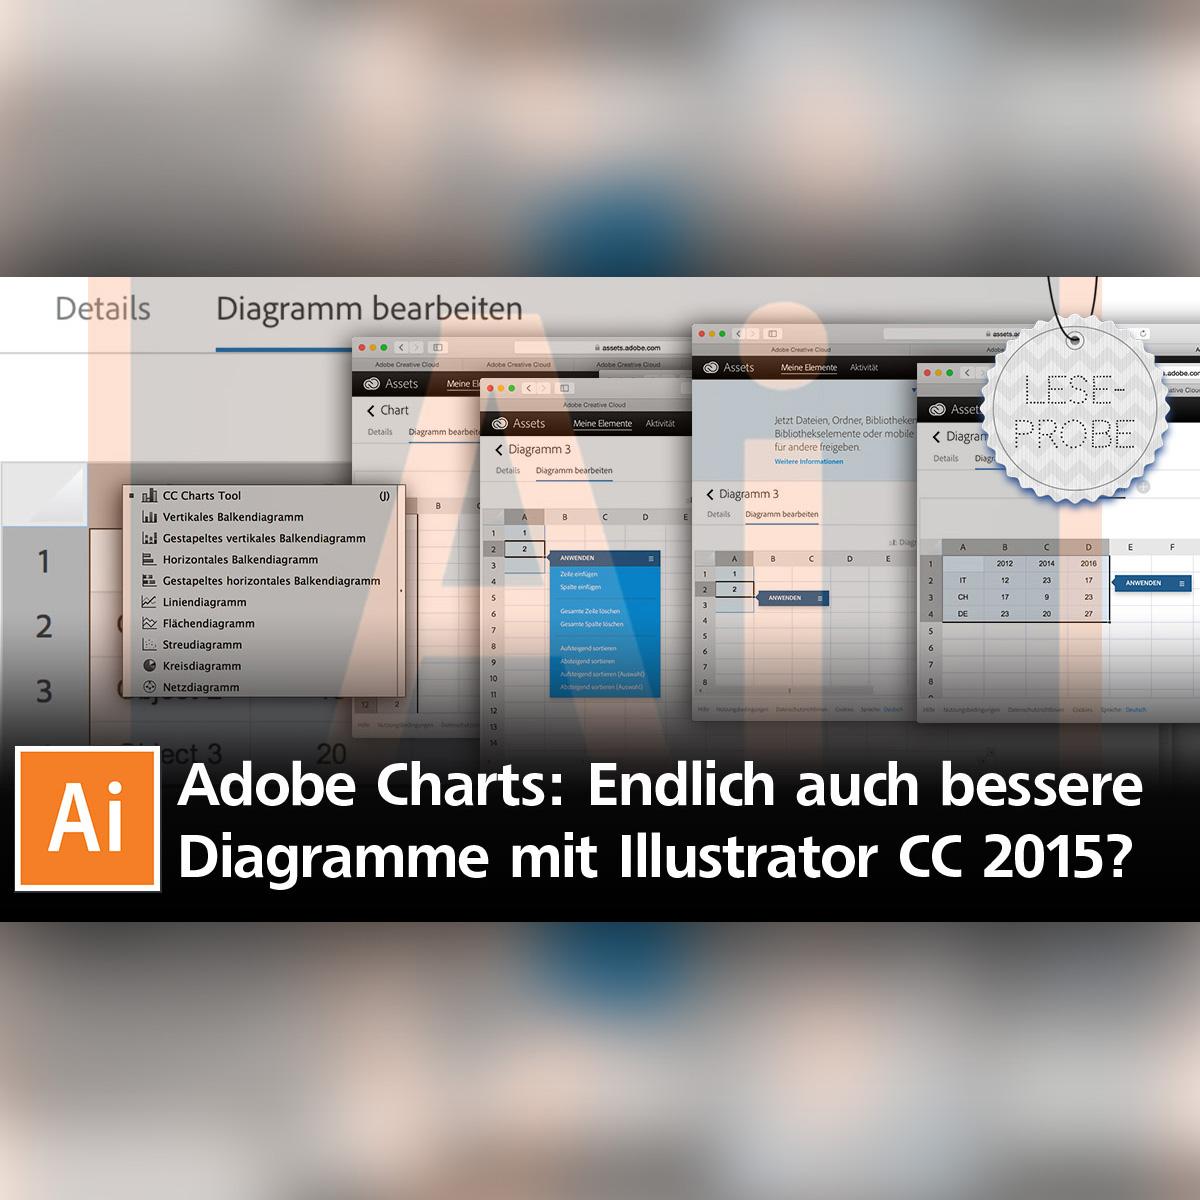 Adobe Charts: Nun endlich auch bessere Diagramme mit Illustrator CC ...